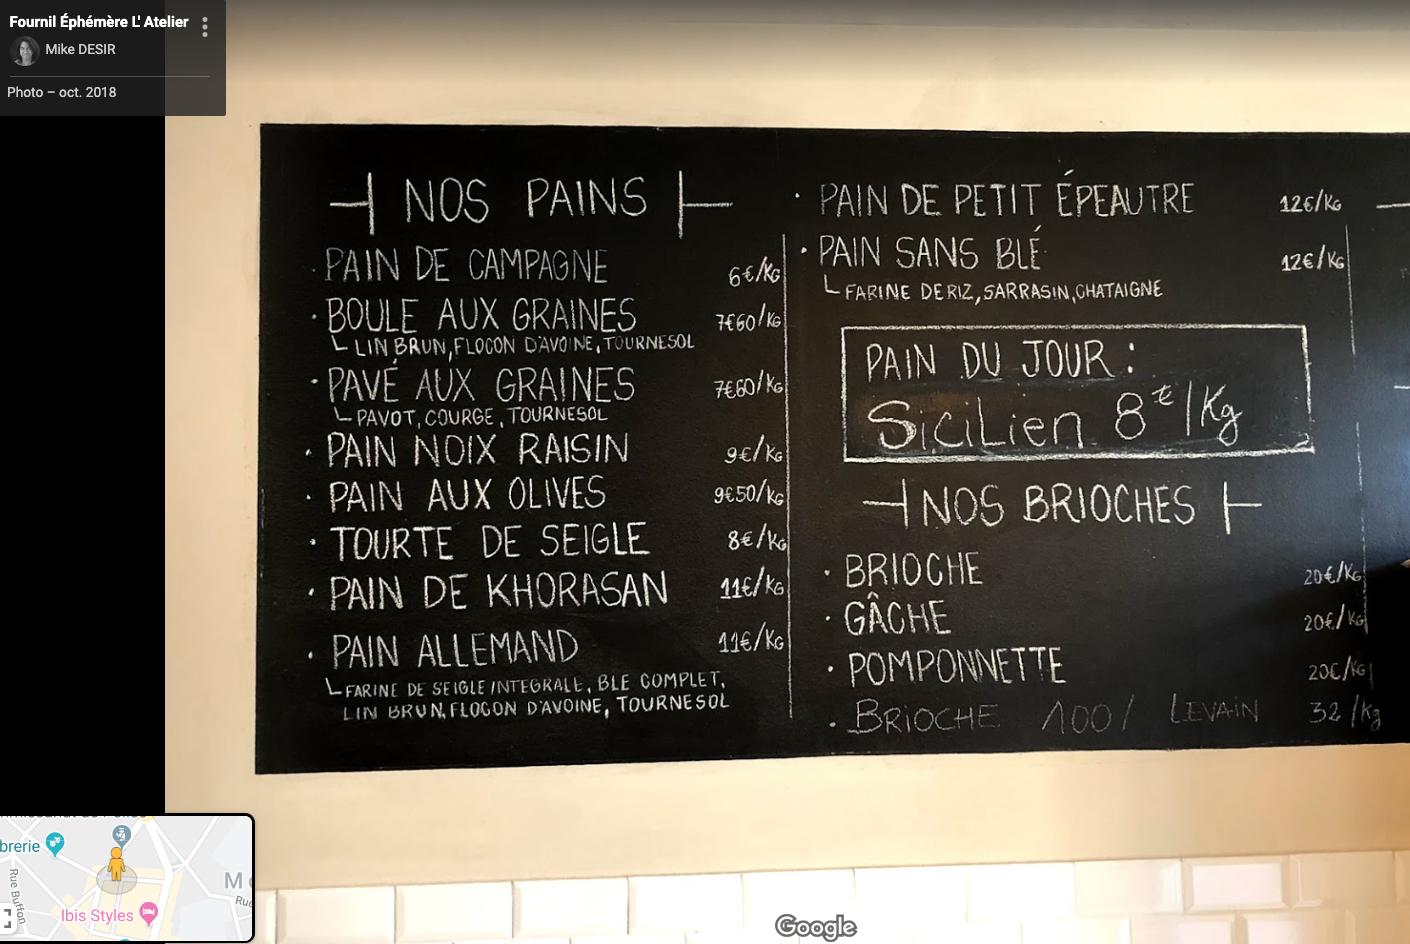 La France du pain est coupée en deux